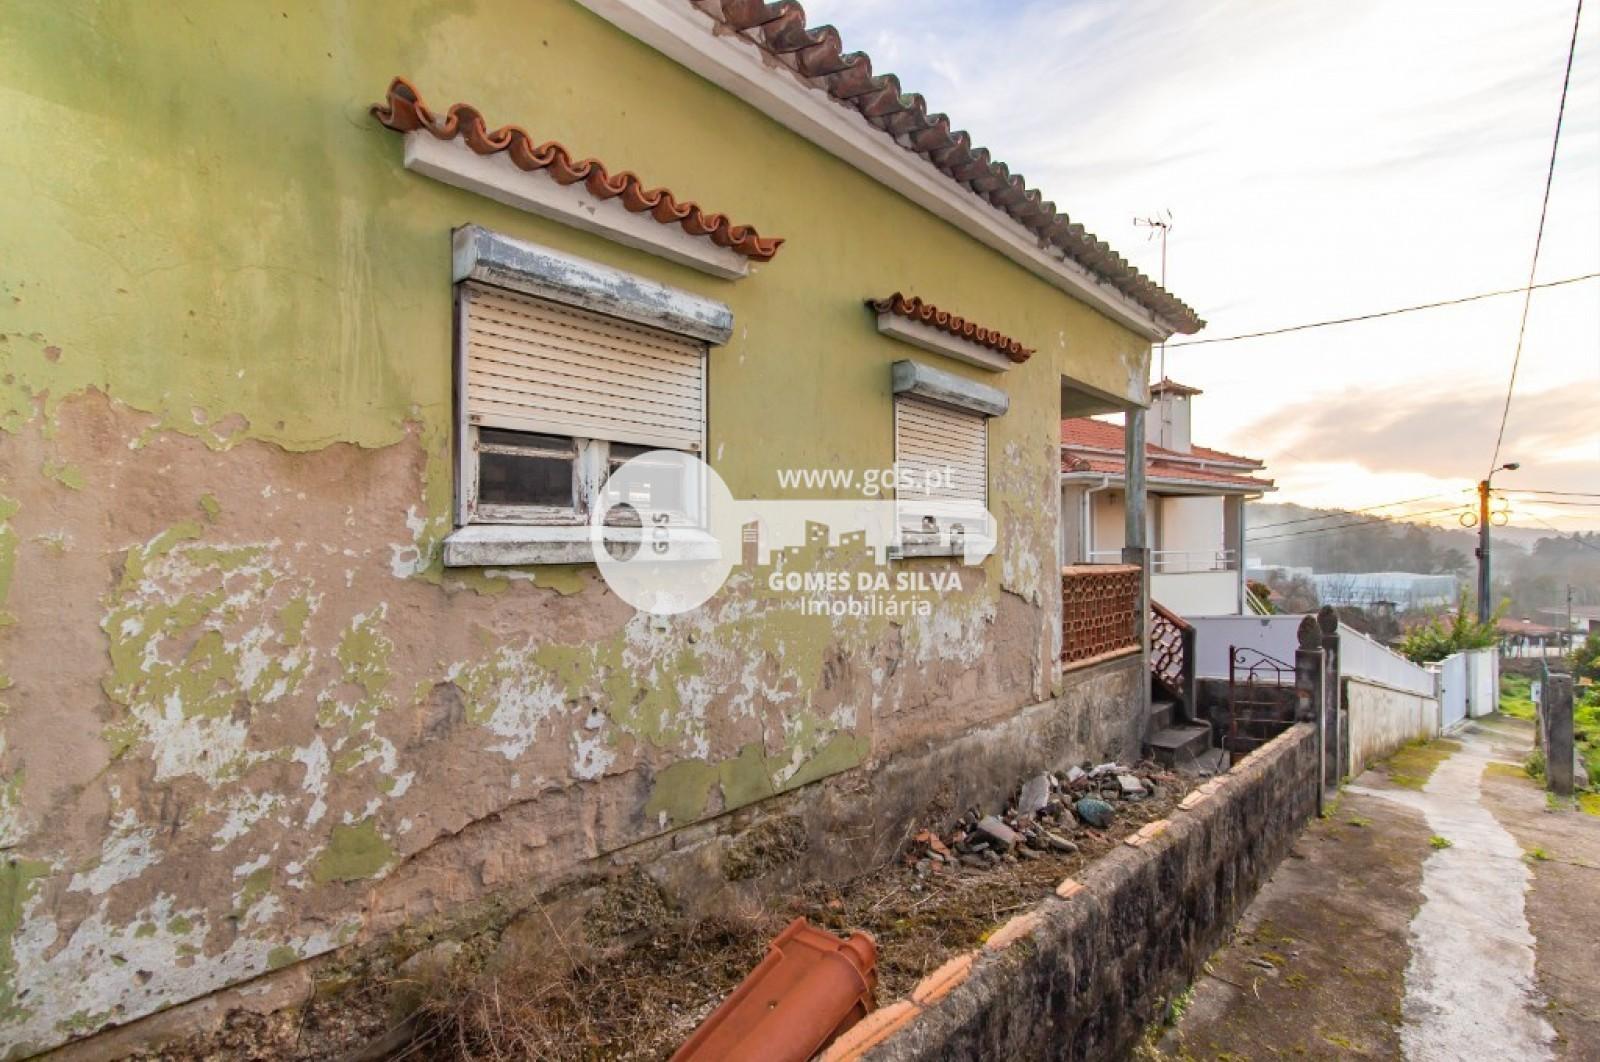 Moradia T3 para Venda em Priscos, Braga, Braga - Imagem 15